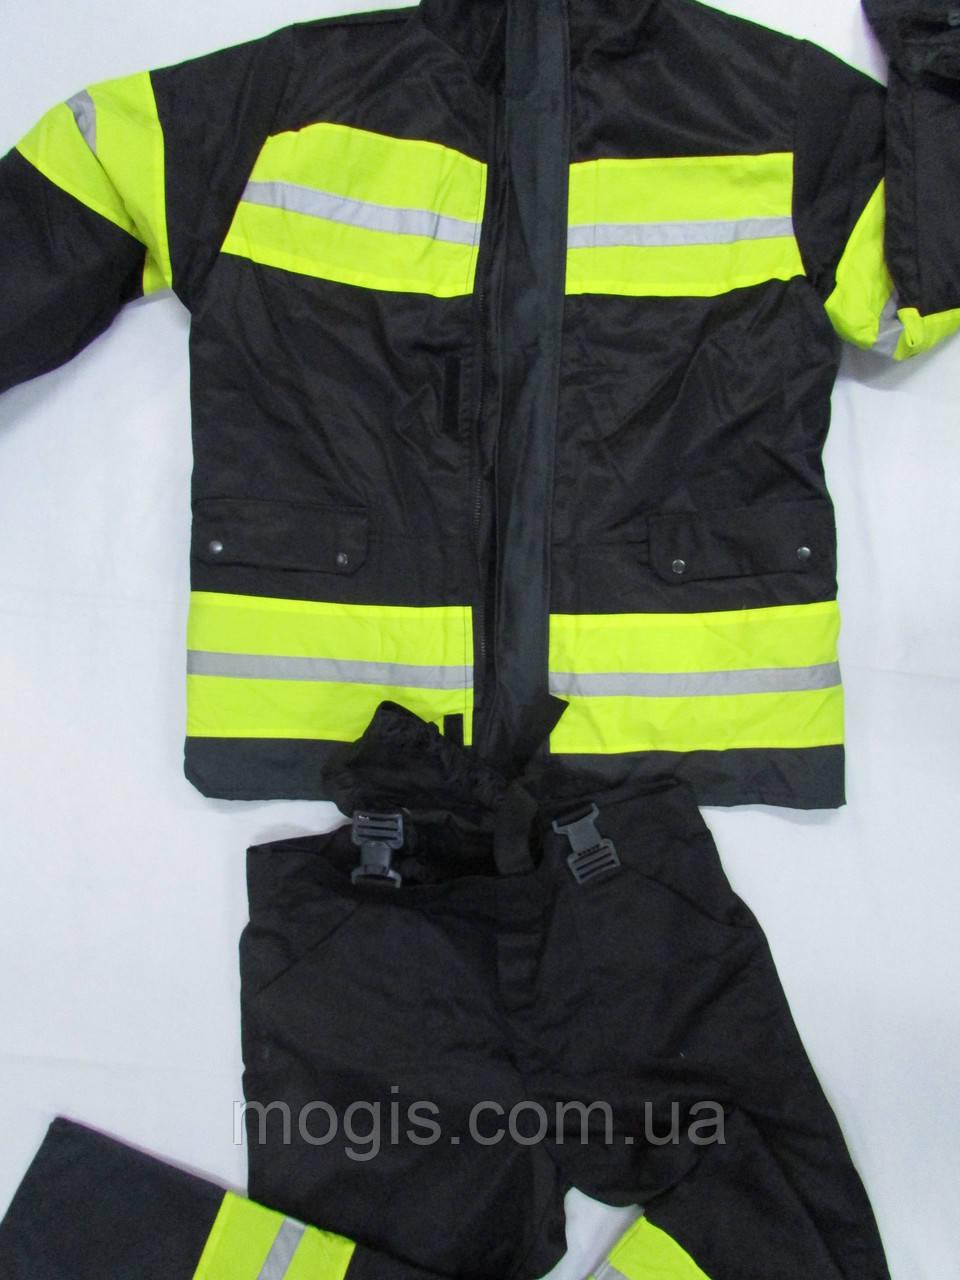 Костюм боевого снаряжения ВО пропитка со светоотражающими полосами (защитные св К50)